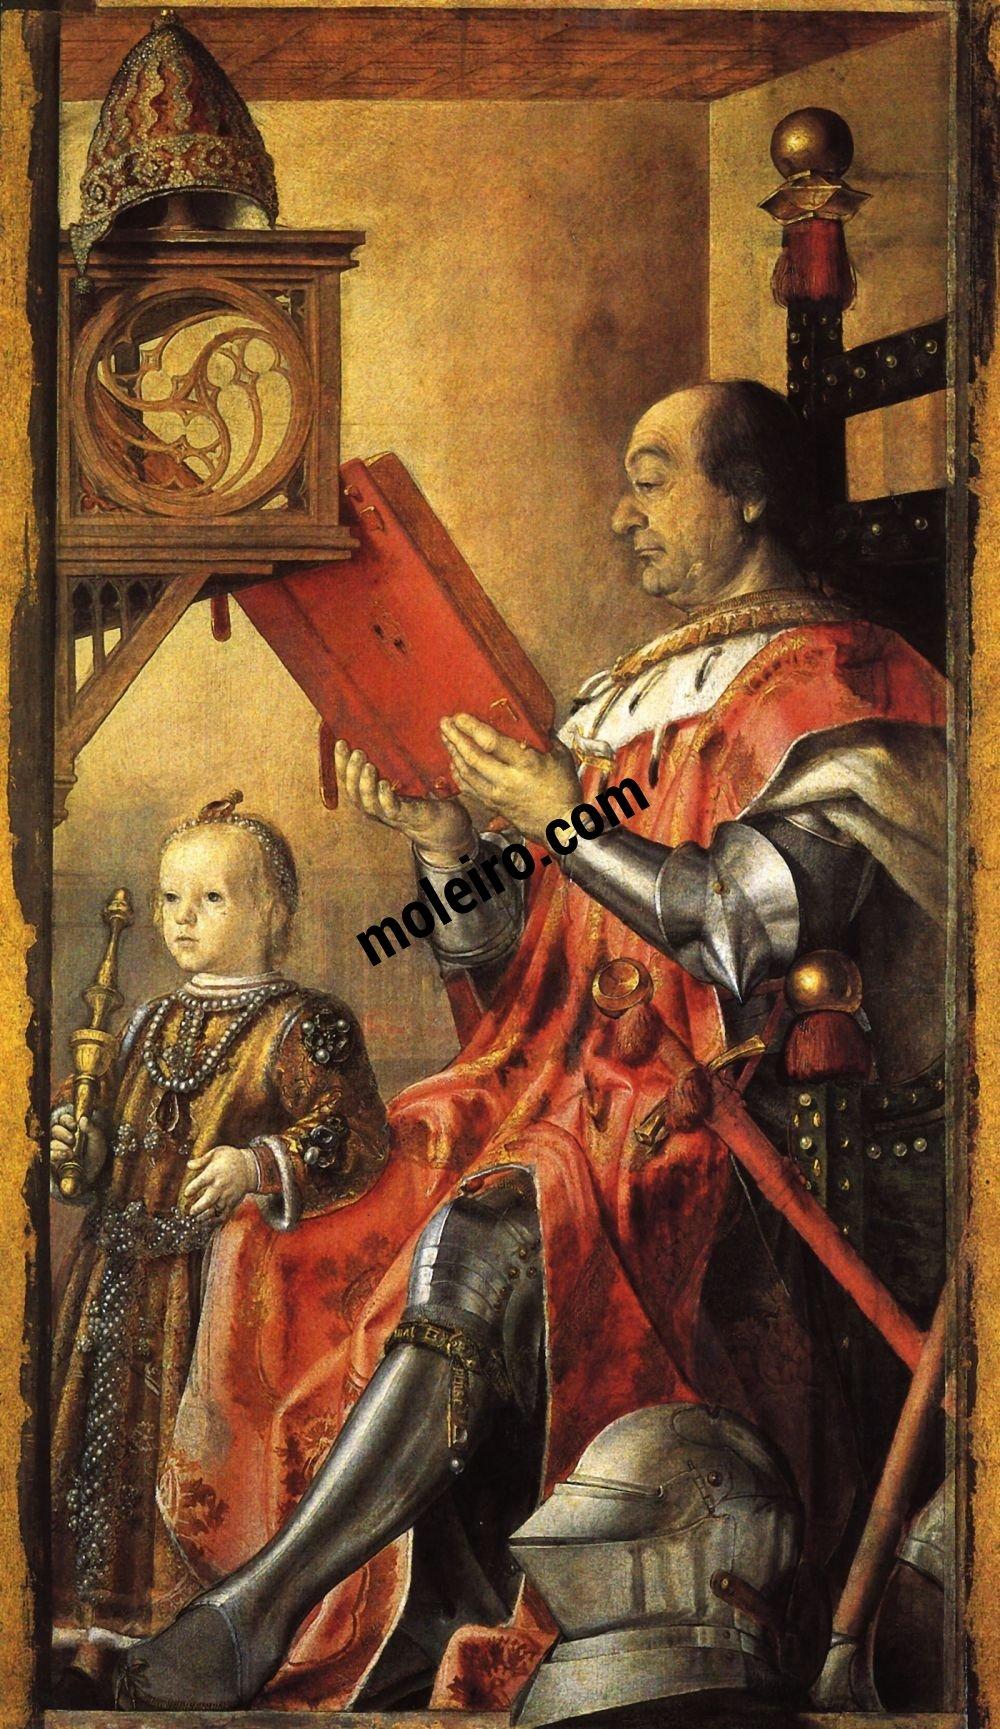 El Arte en el Renacimiento Pedro Berruguete, Federico de Montefeltro und sein Sohn Guidobaldo, Urbino, Nationalgalerie der Marken.